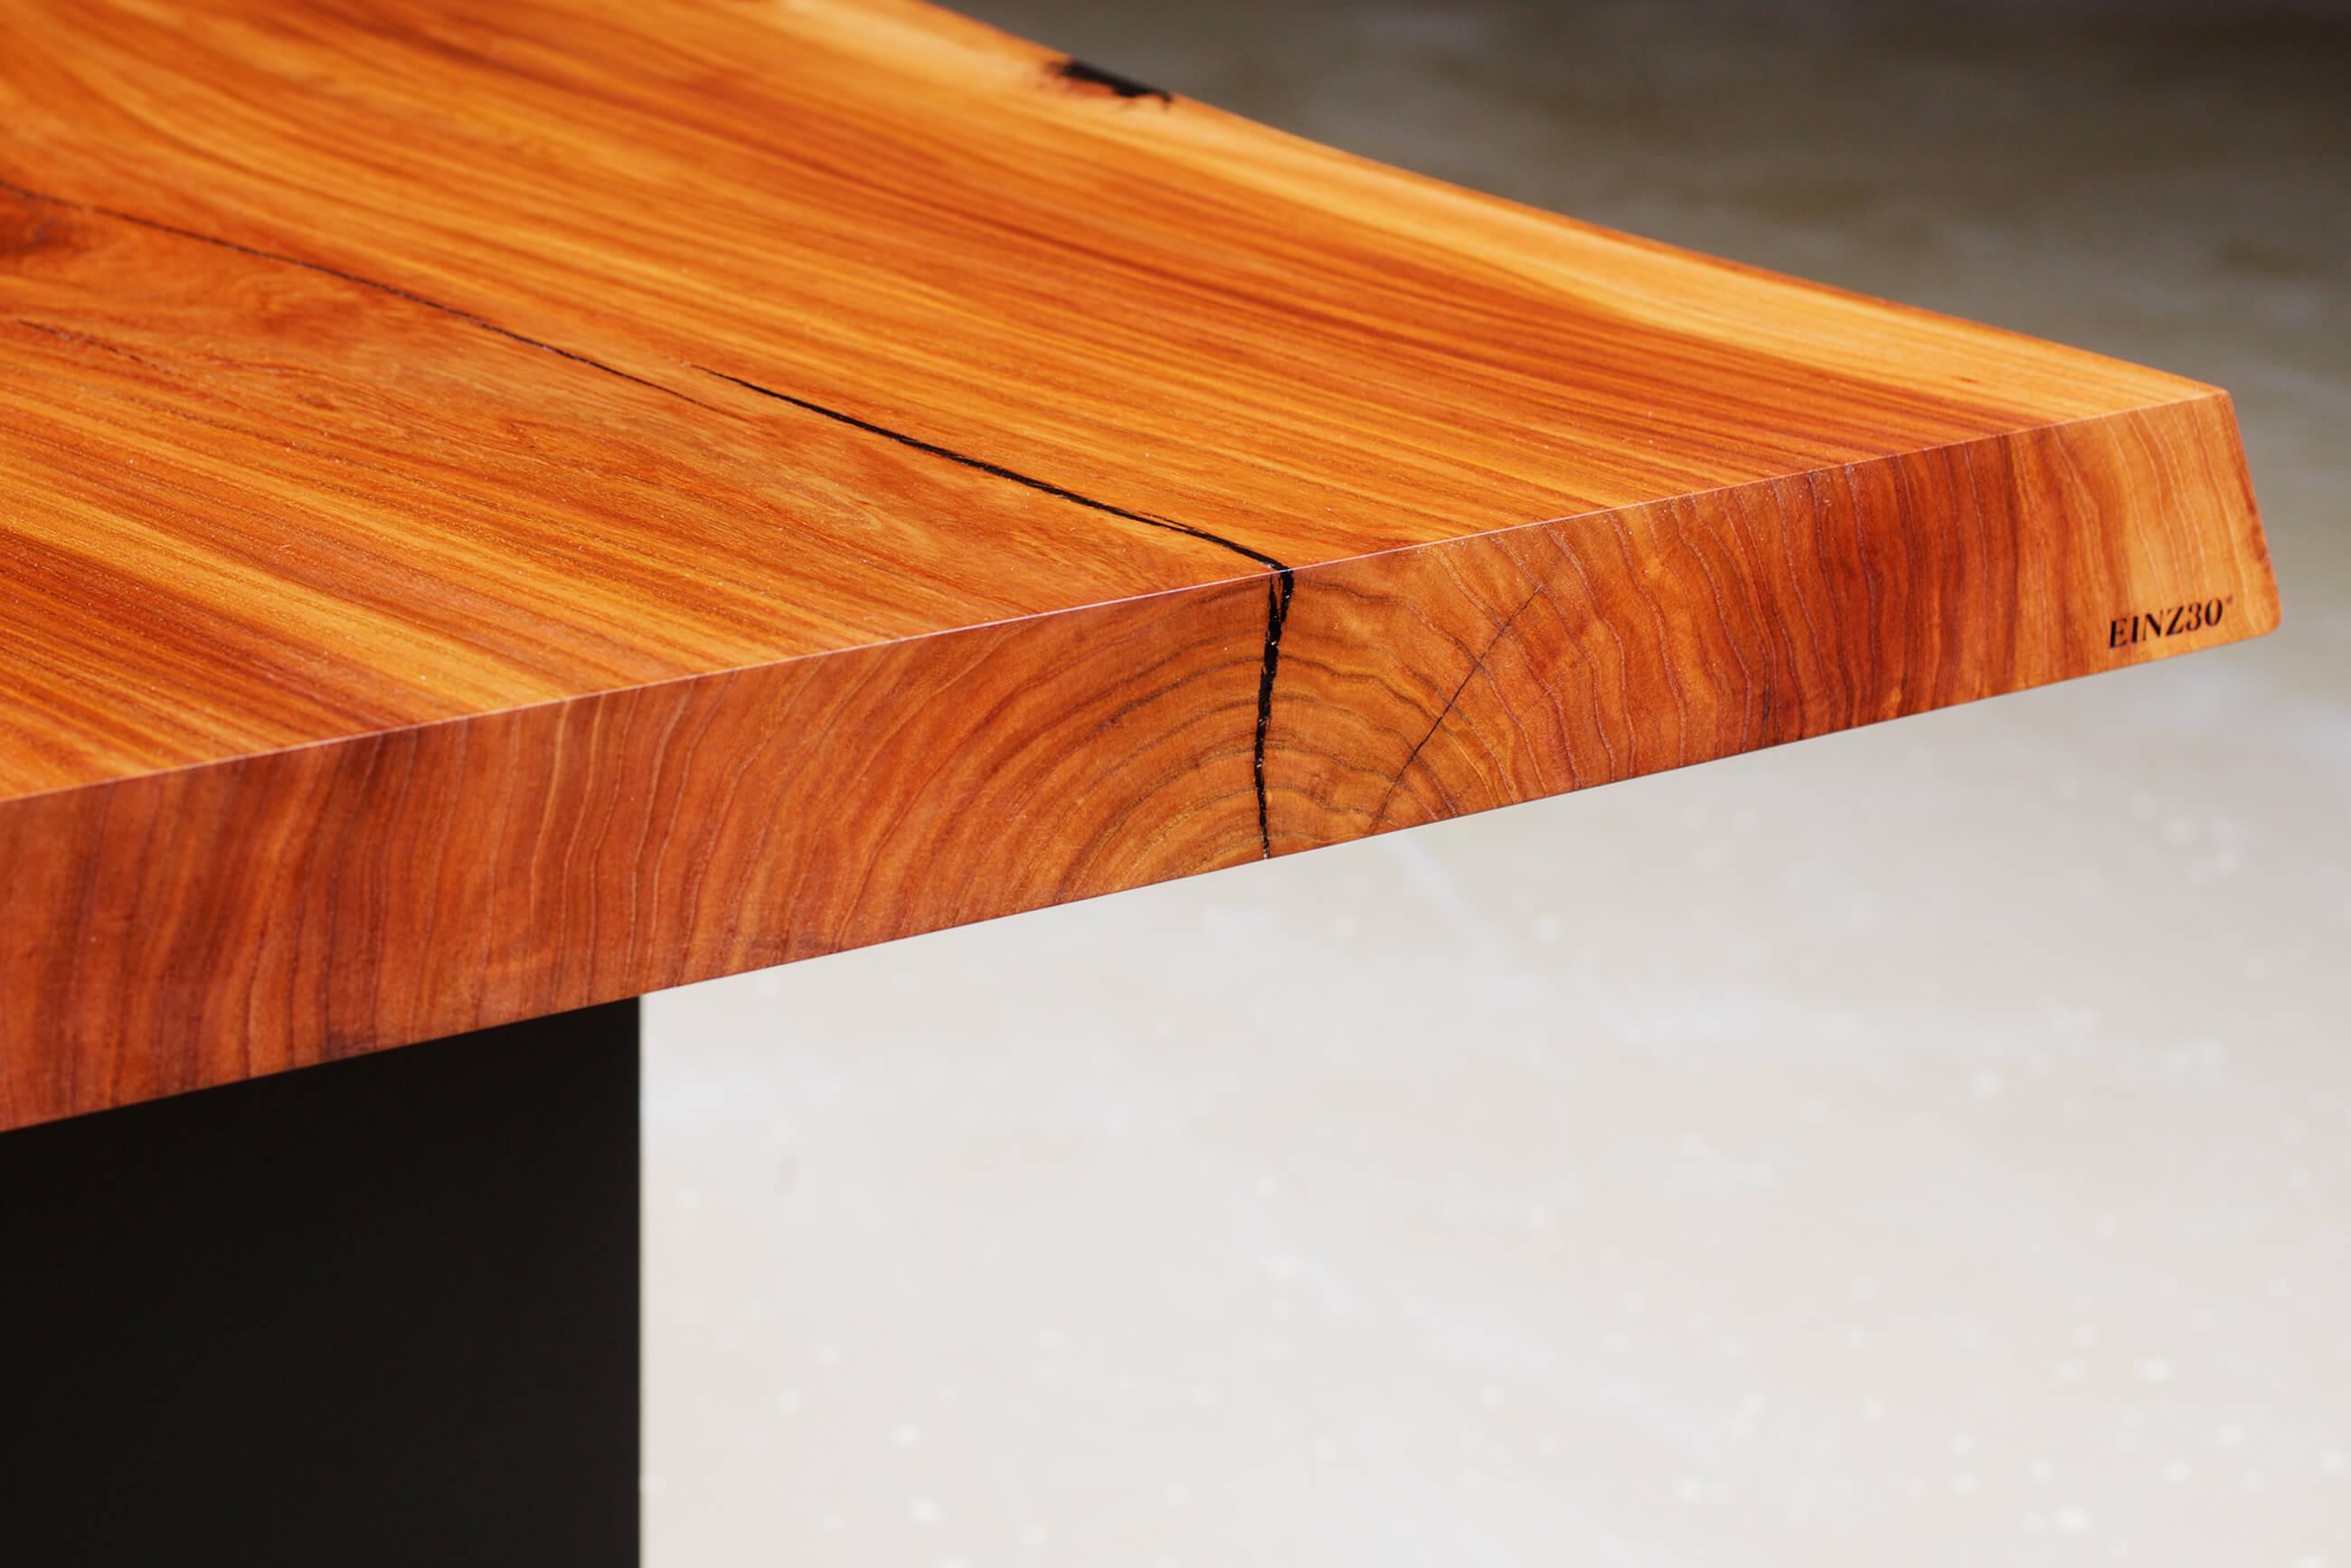 einz30 holzwerkhof massivholztisch aus ge lter ulme. Black Bedroom Furniture Sets. Home Design Ideas